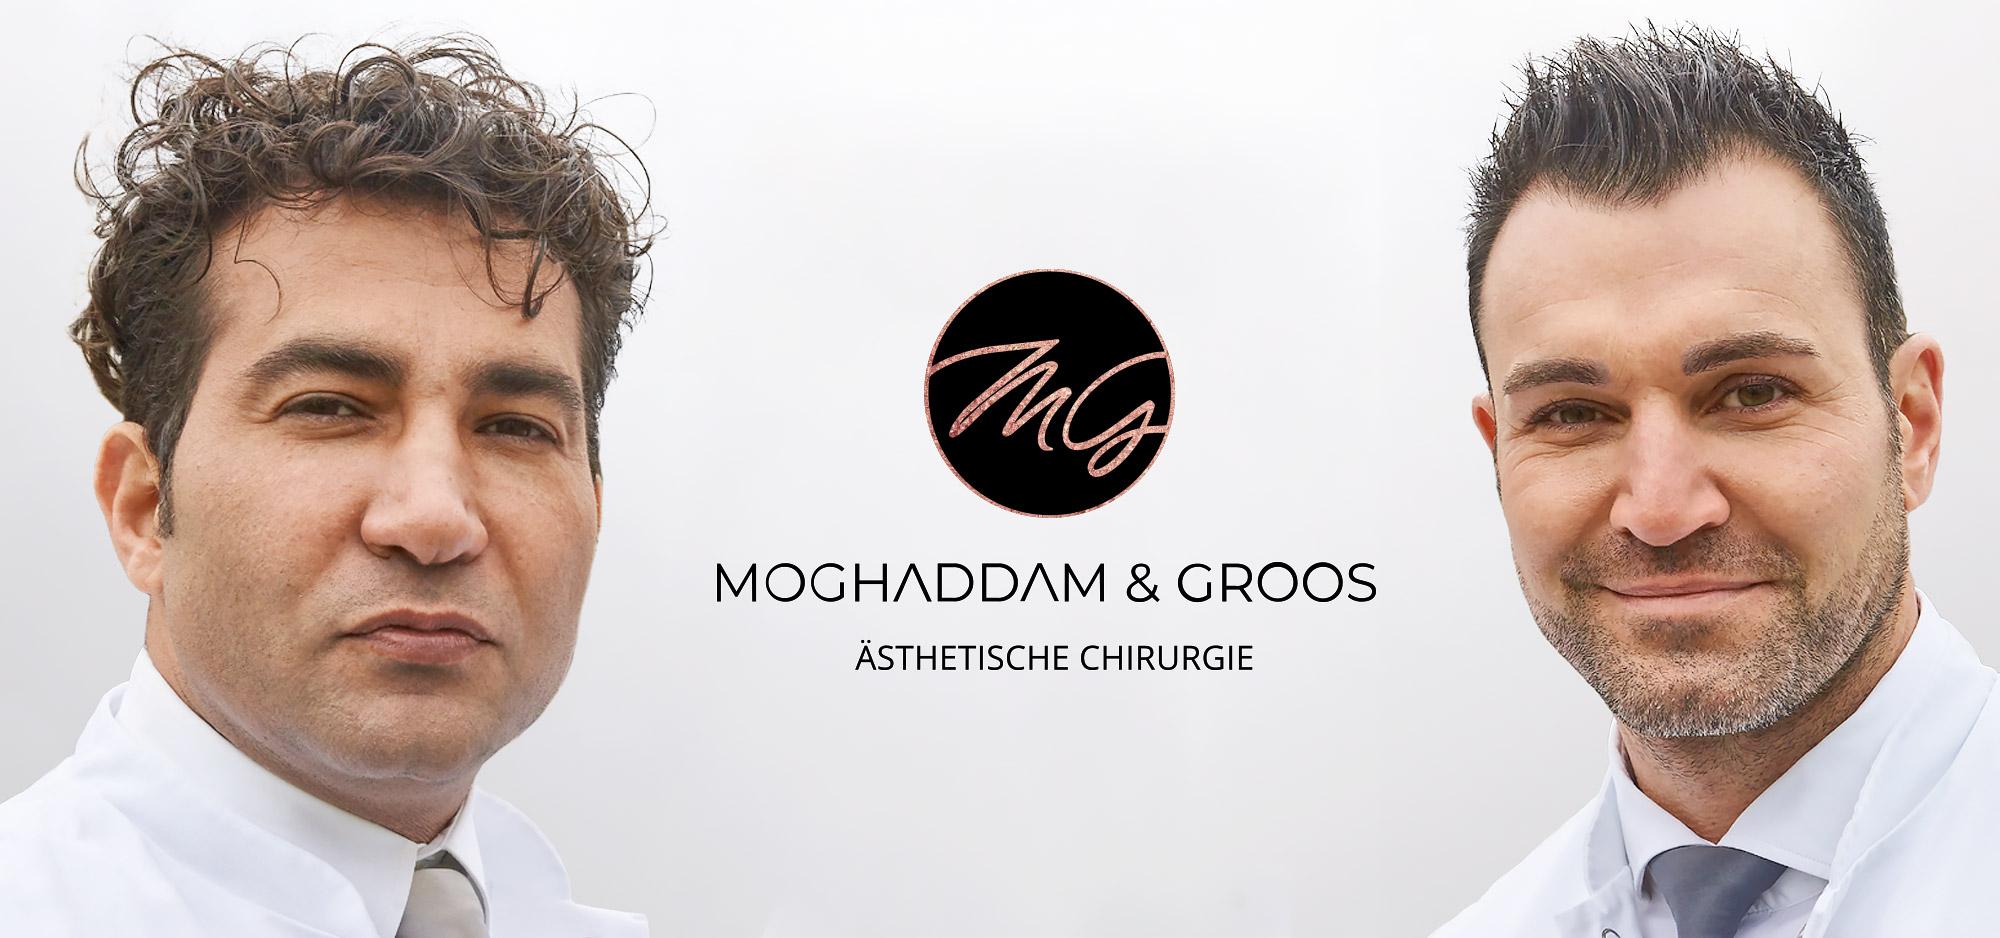 Moghaddam und Groos Ästhetische Chirugie- Startseitenbild